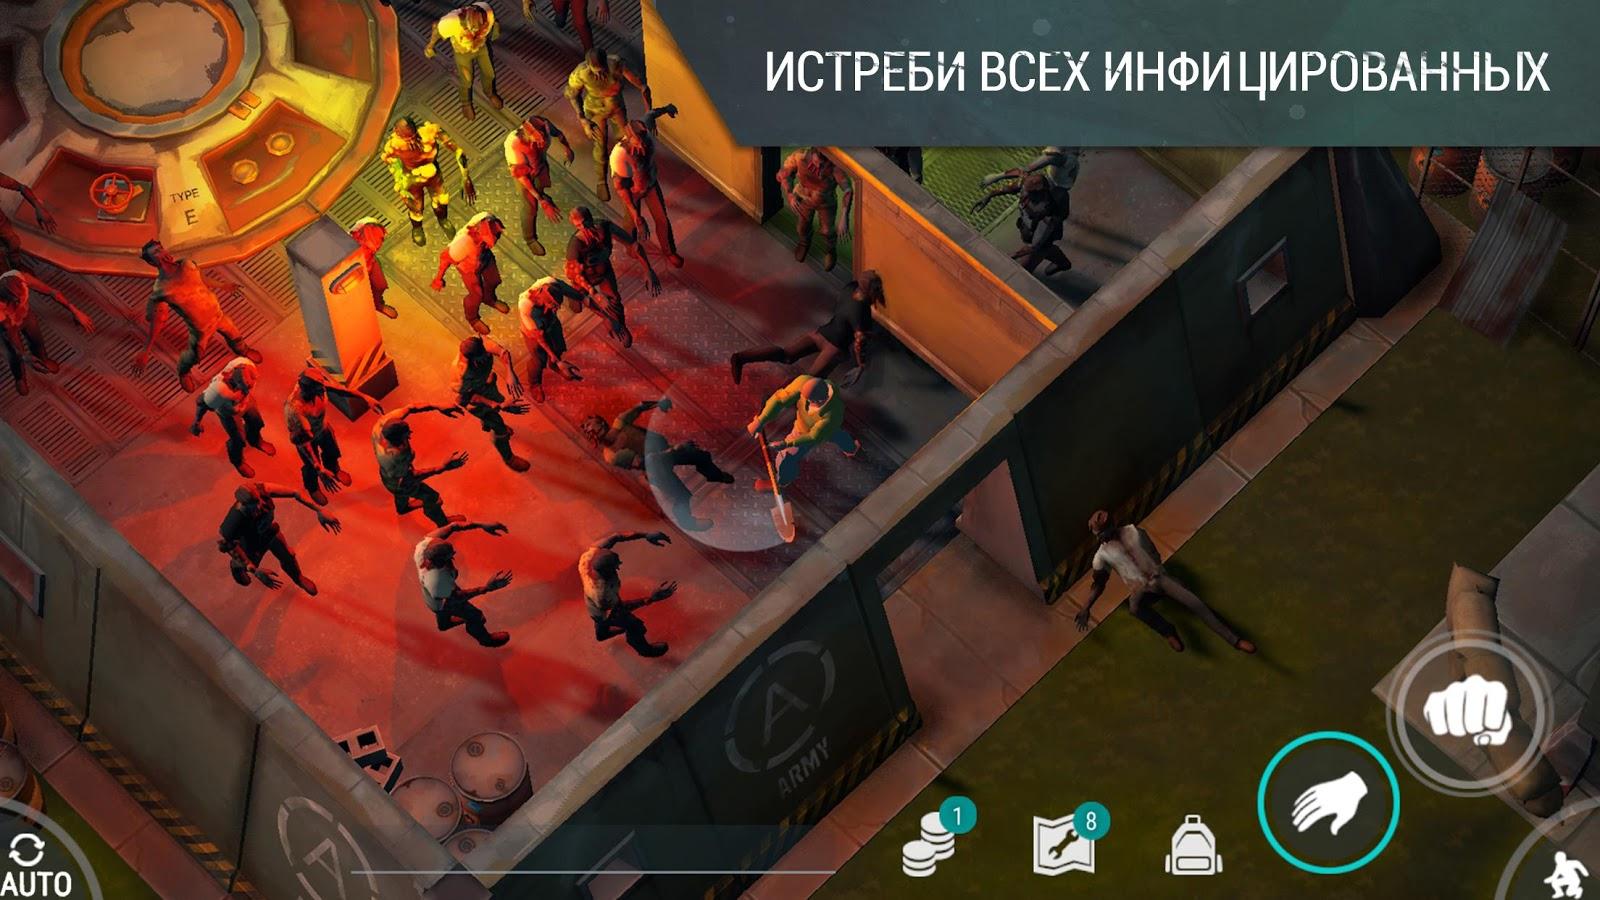 Сталкер выживший: побег из зоны (2018) pc | repack от serega-lus.